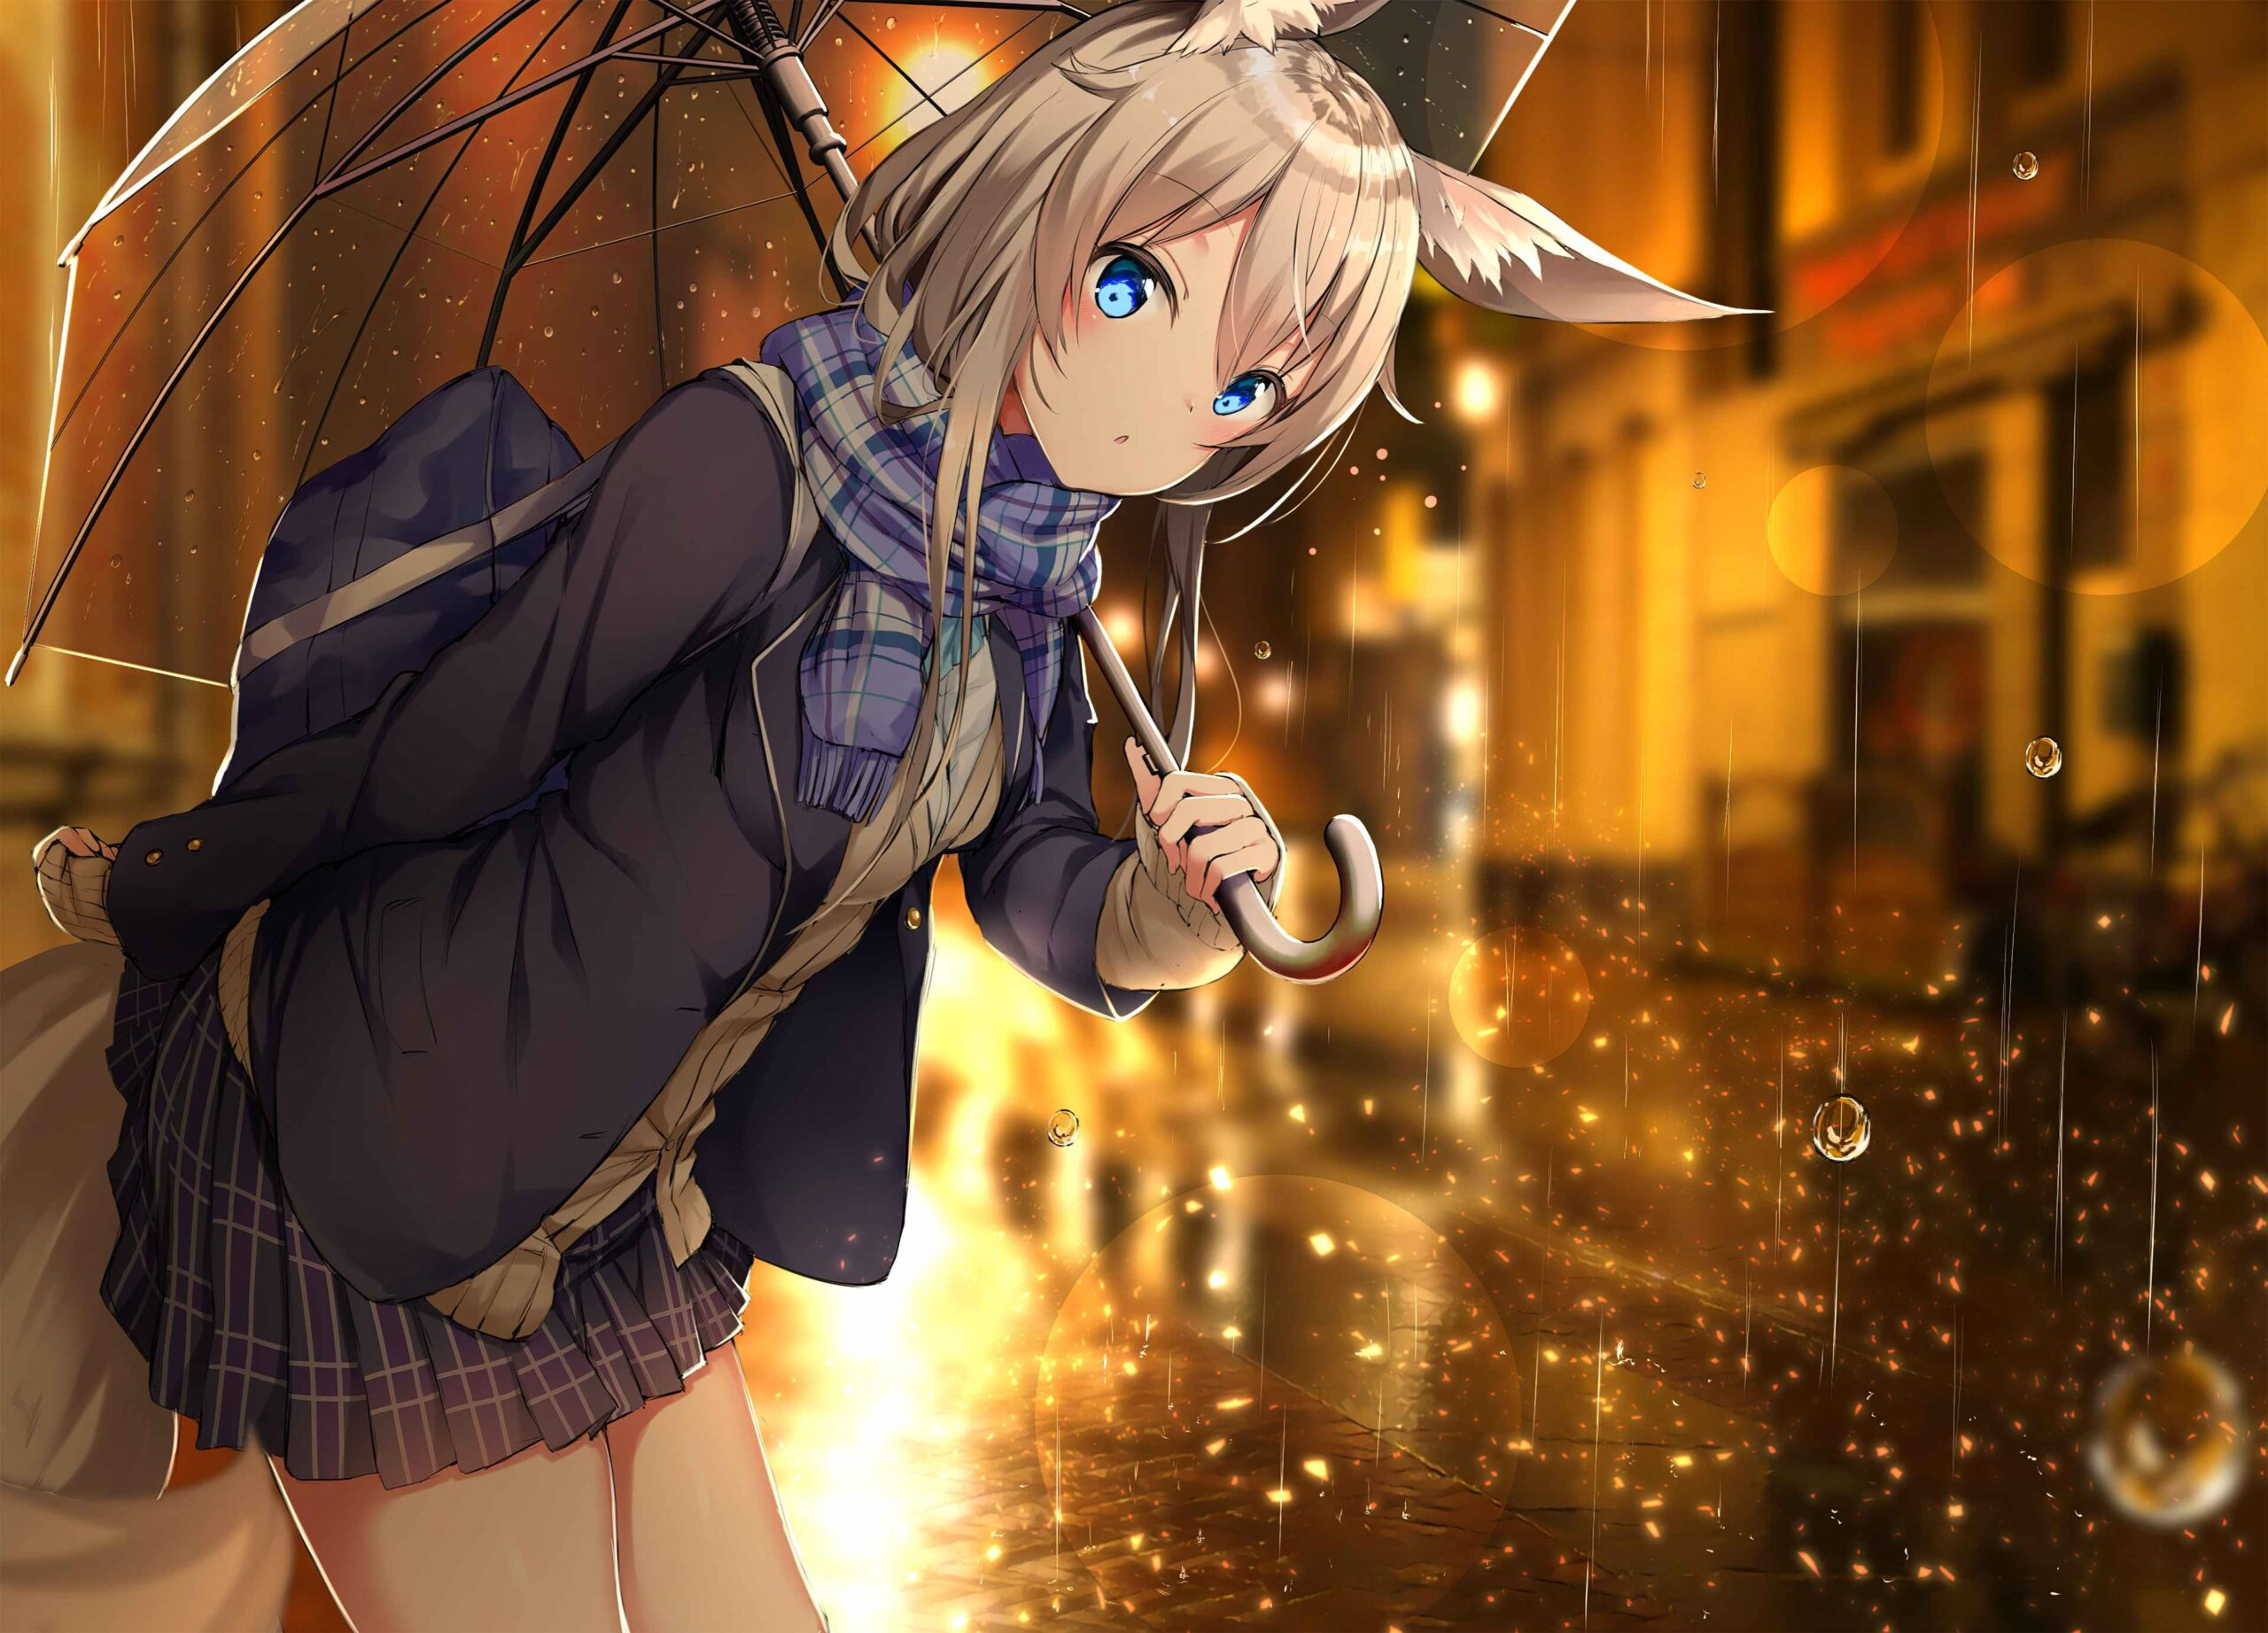 Бесплатные аниме картинки на аву скачать 01